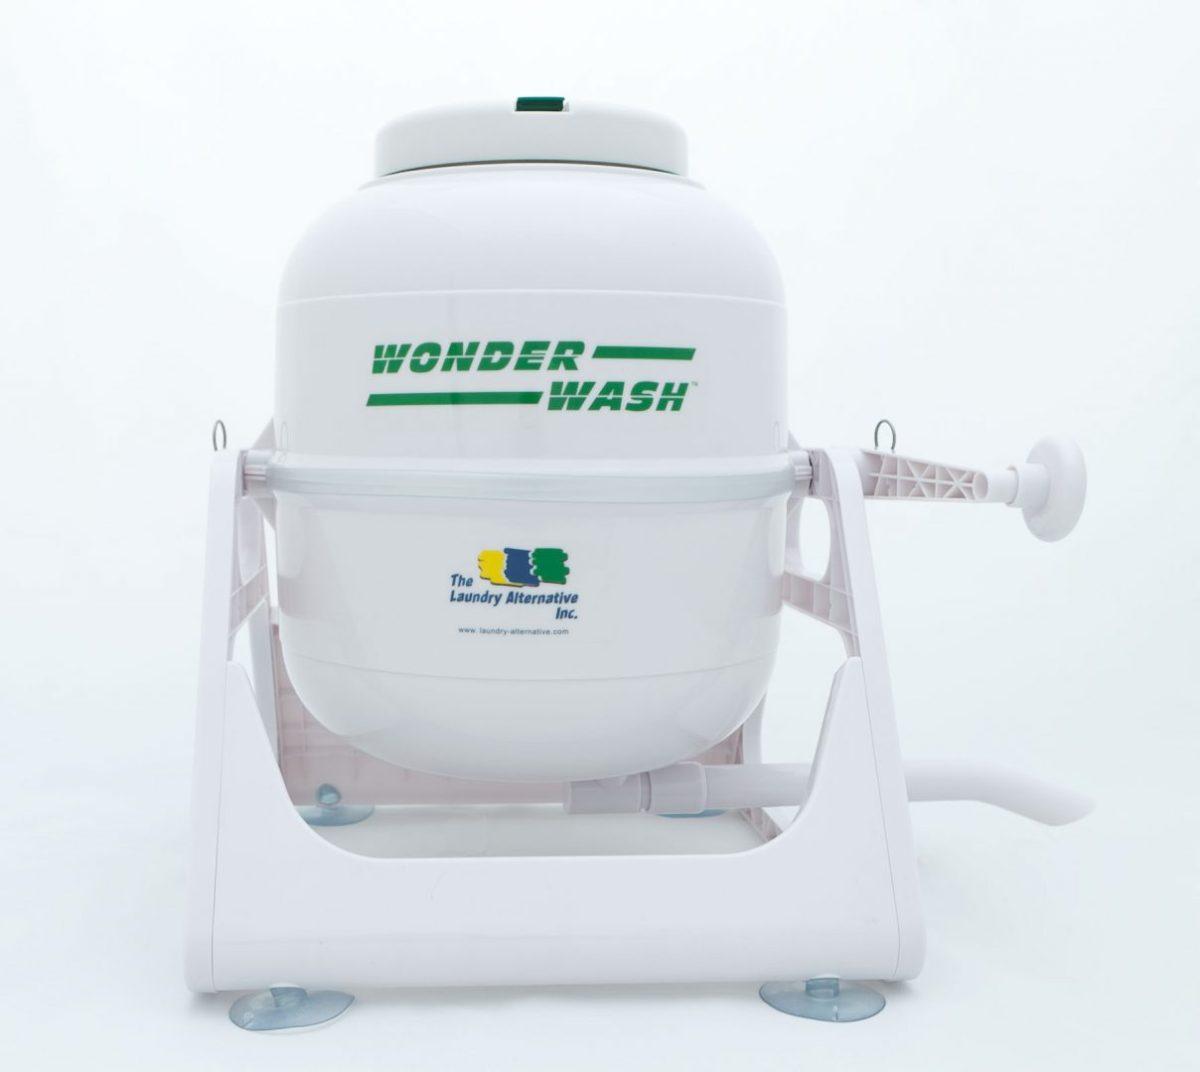 Produkttest av WonderWash, handvevad tvättmaskin #prepperSE